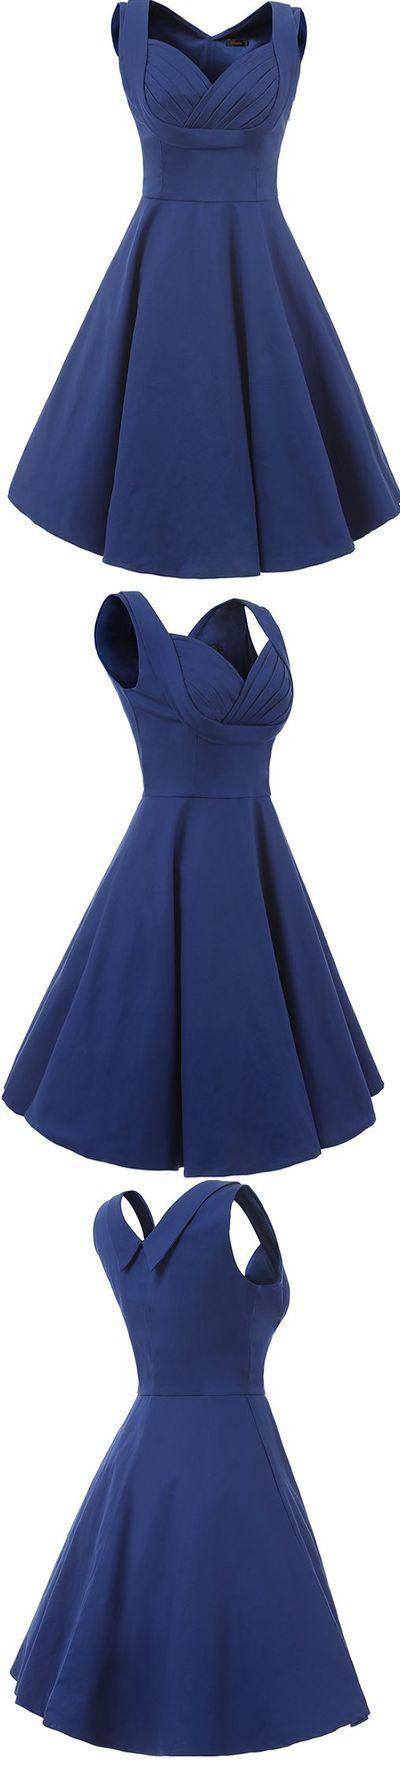 V-Neck Prom Dress,Simple Prom Dress,Short Evening Dress,Custom Made Evening Dress